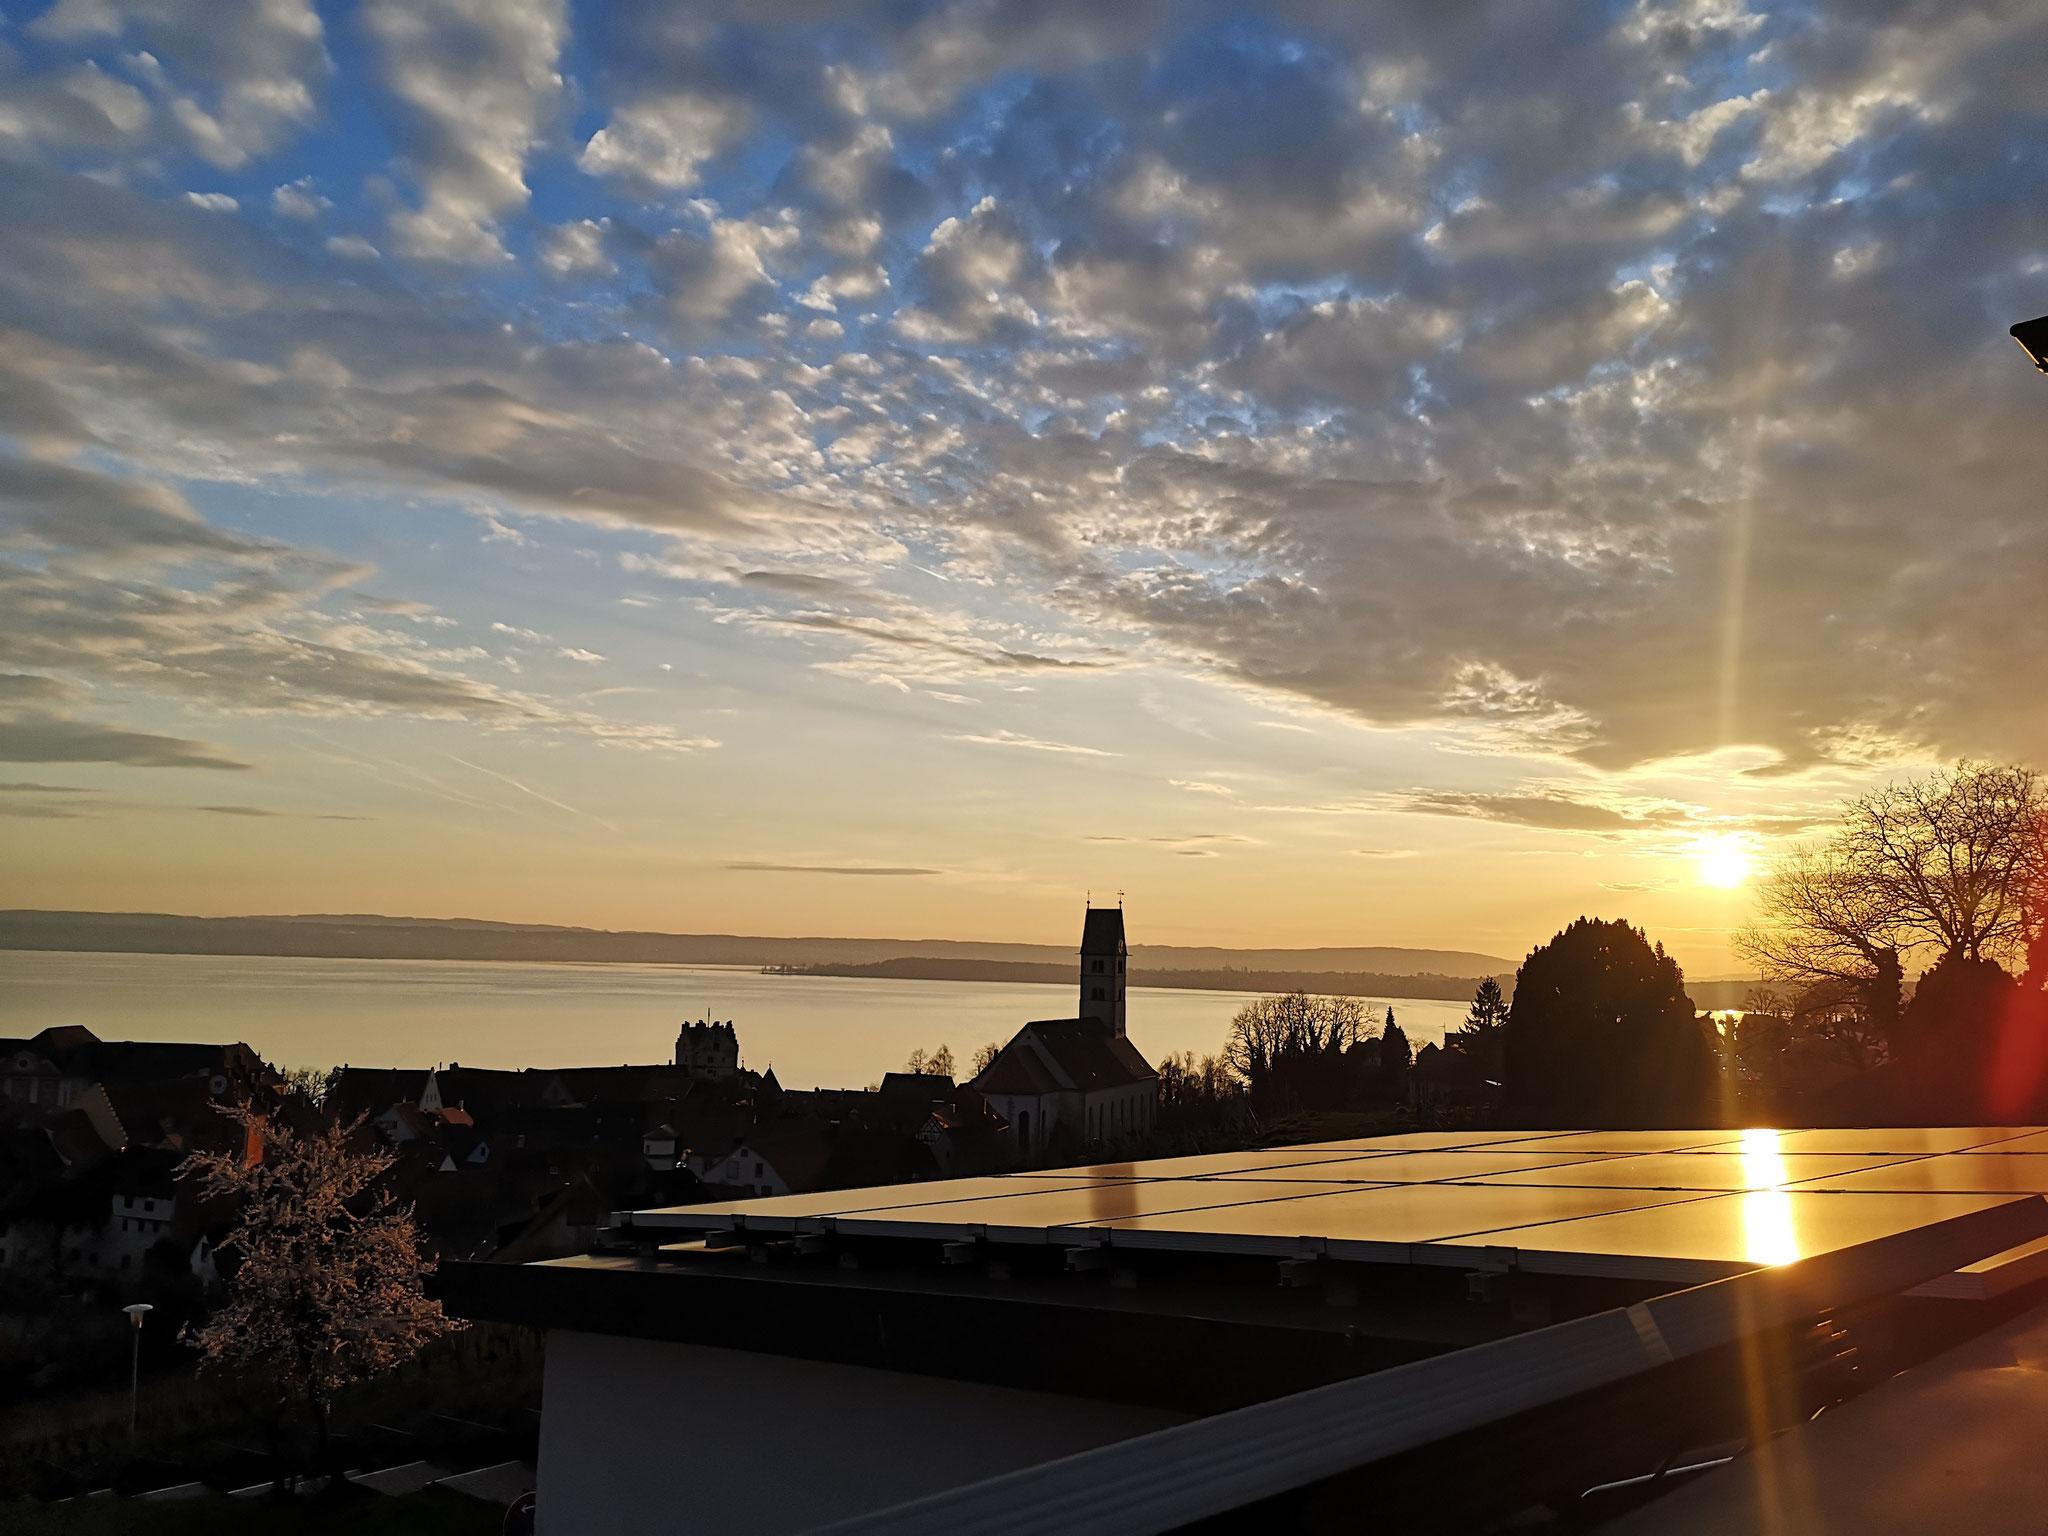 Ausblick auf die untergehende Sonne von der Dachterrasse